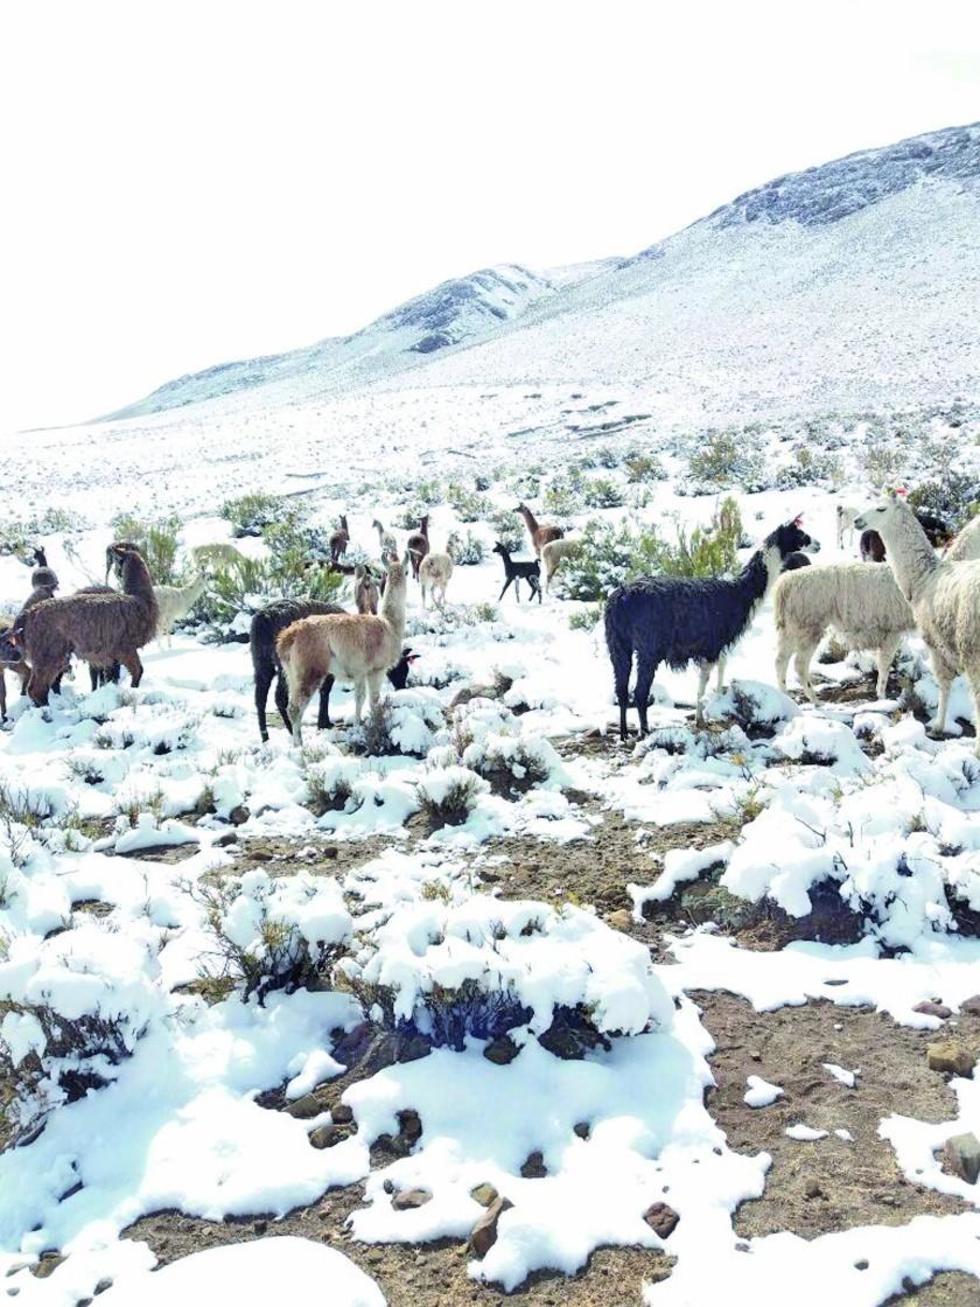 Miles de animales buscan alimento en medio de la nieve.